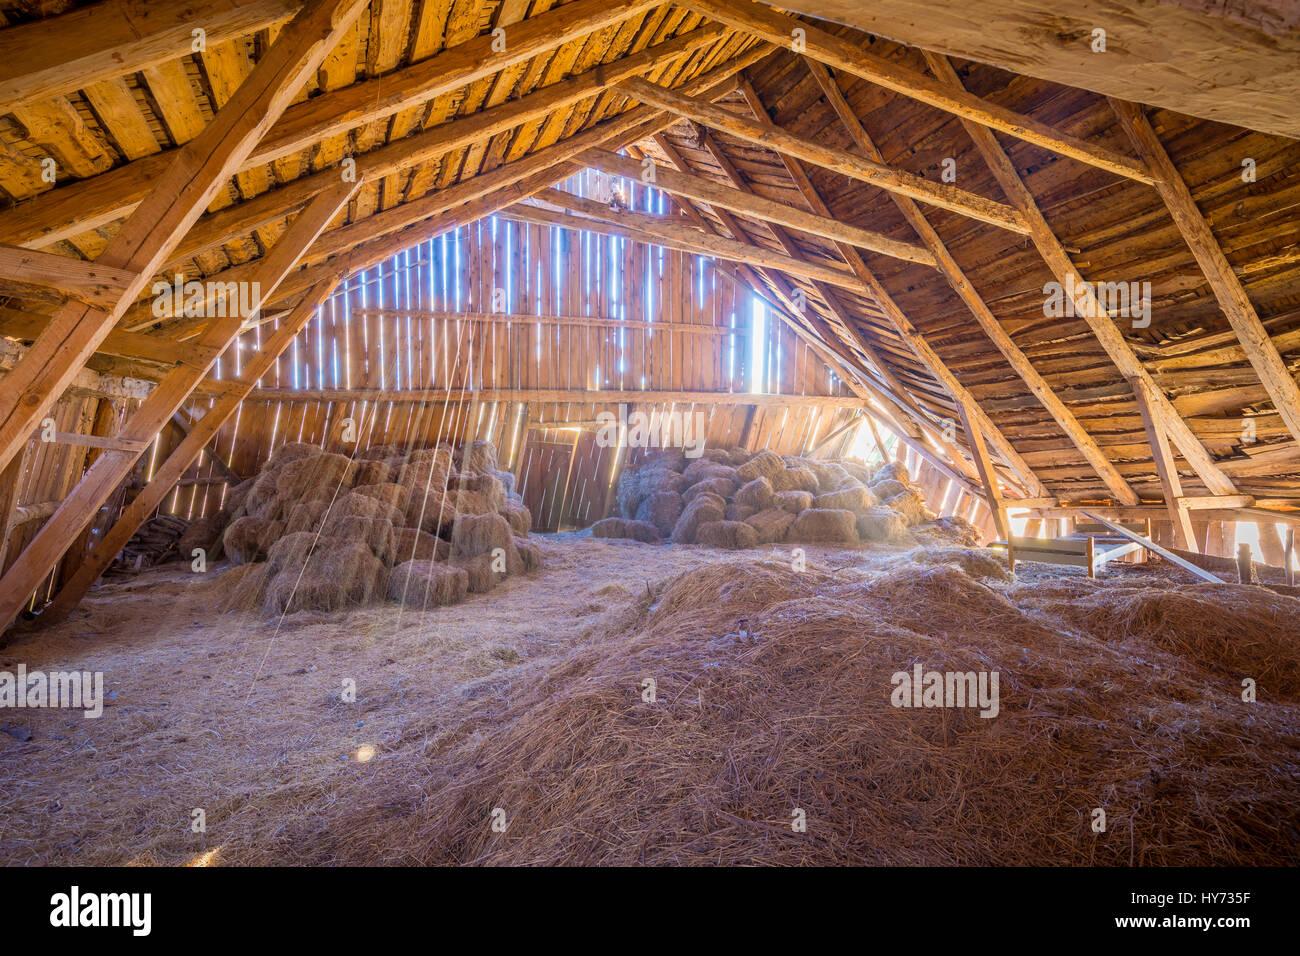 Hay loft nel vecchio fienile in Svezia. Immagini Stock